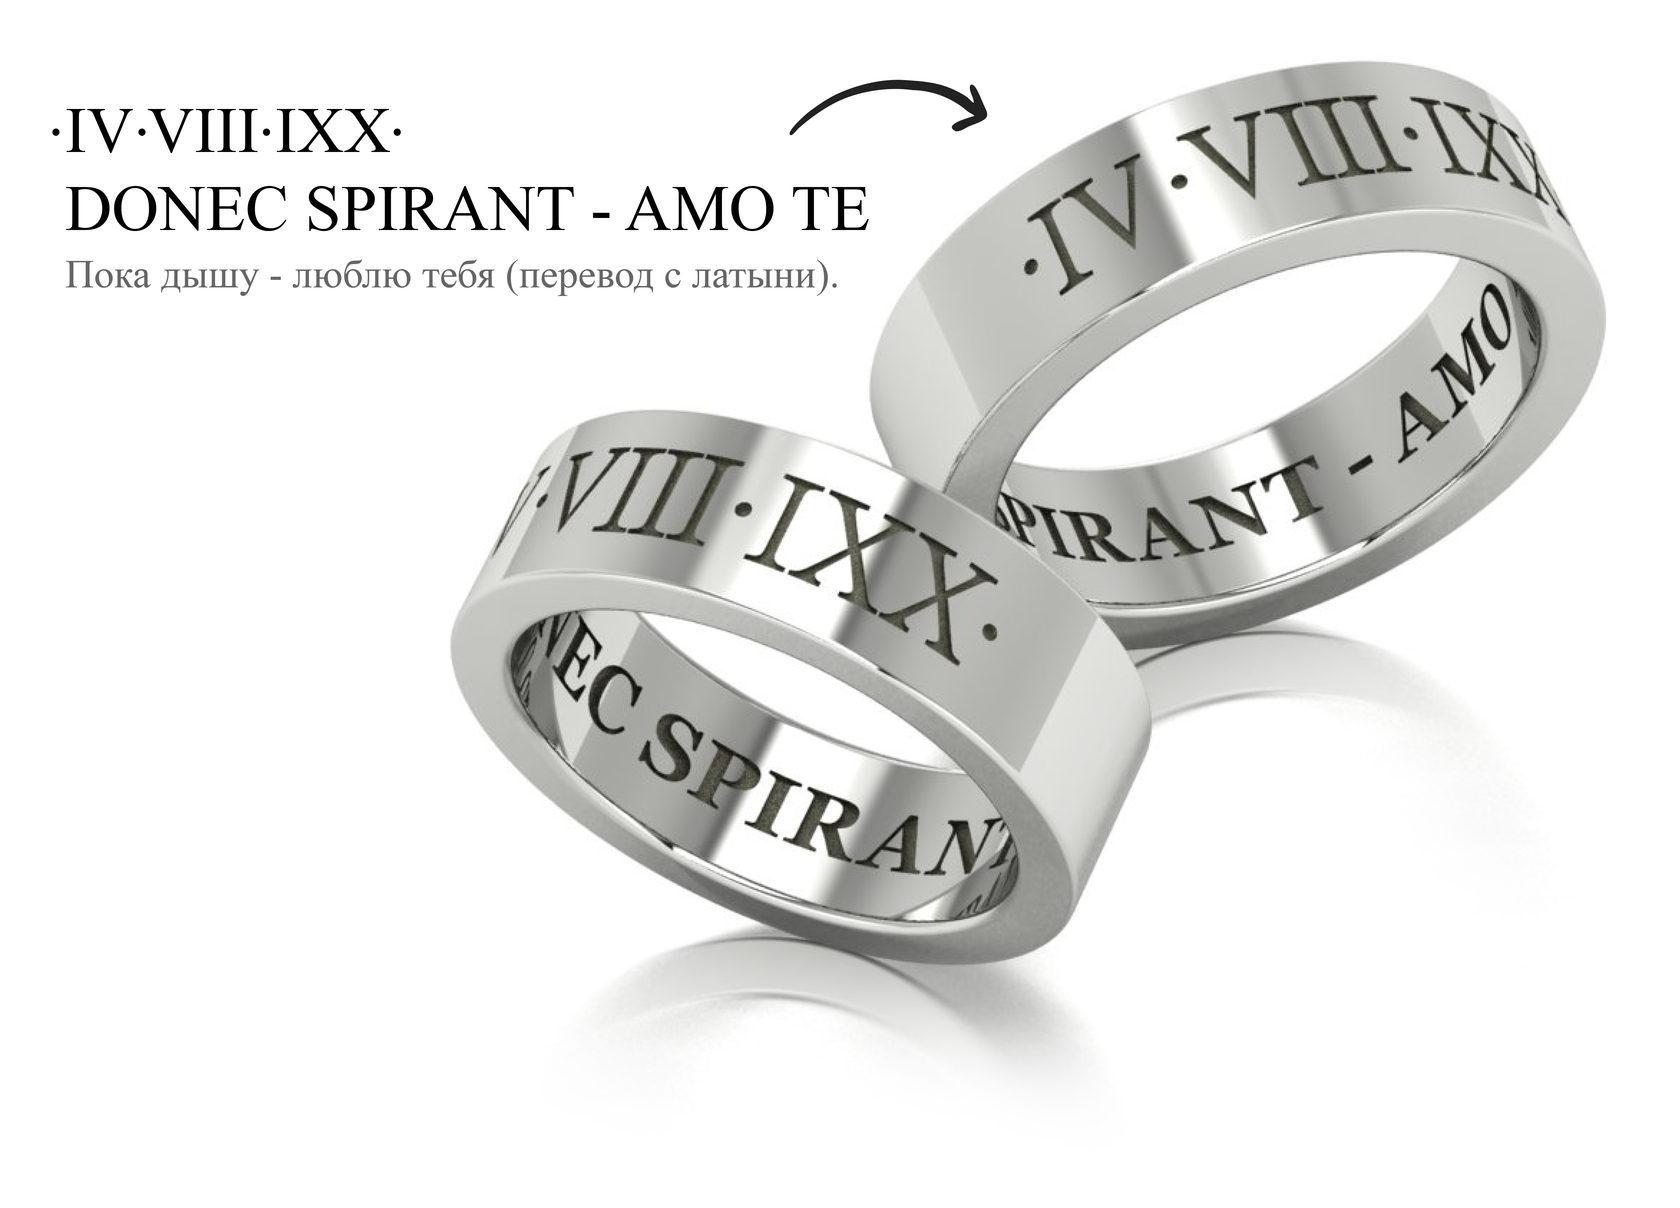 Обручальные кольца с гравировкой купить в Москве